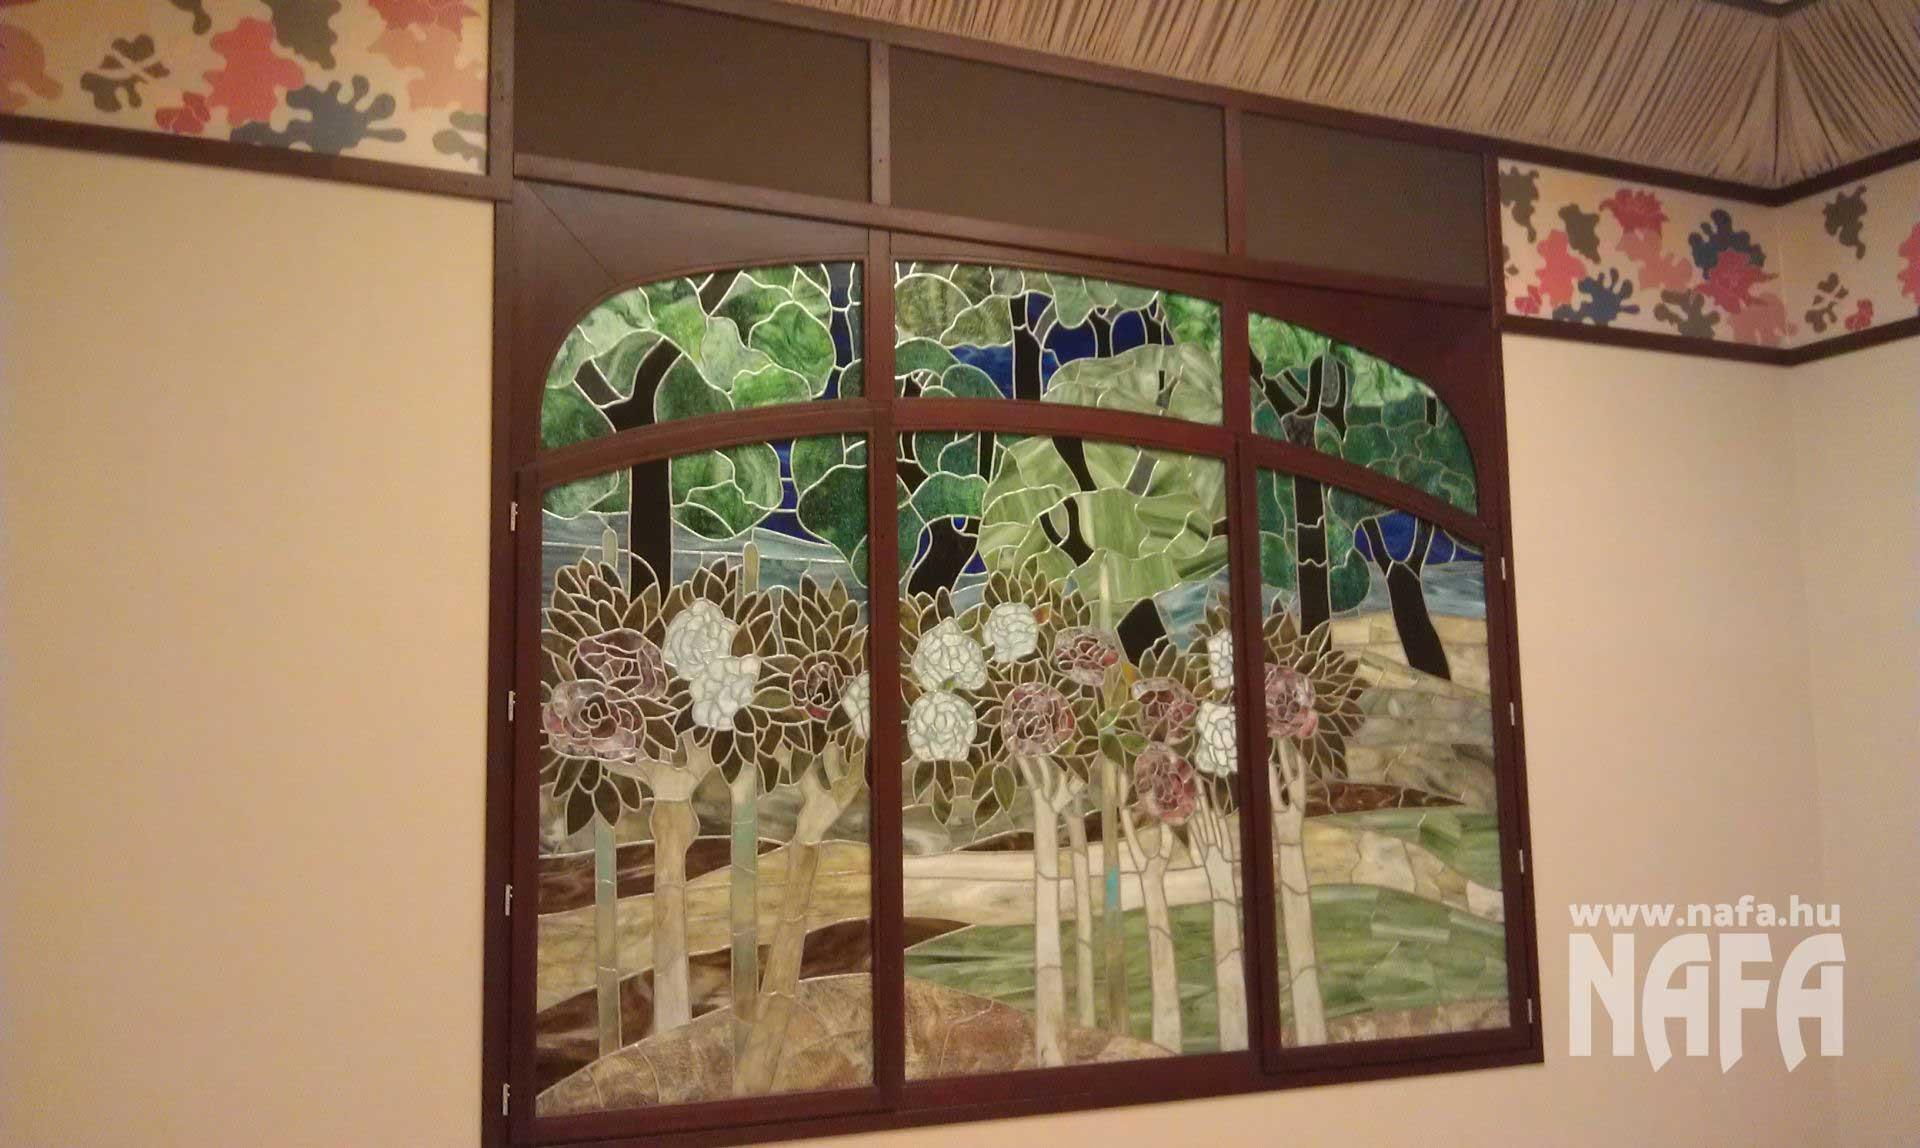 Fa nyílászárók, egyedi festett ablak, Rippl-Rónai Múzeum Kaposvár